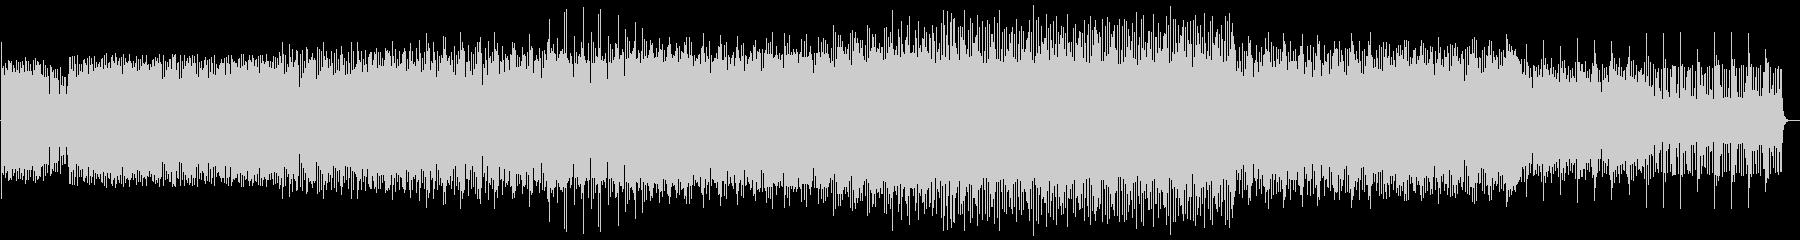 映像に、ミニマル、マリンバ、打楽器8重奏の未再生の波形